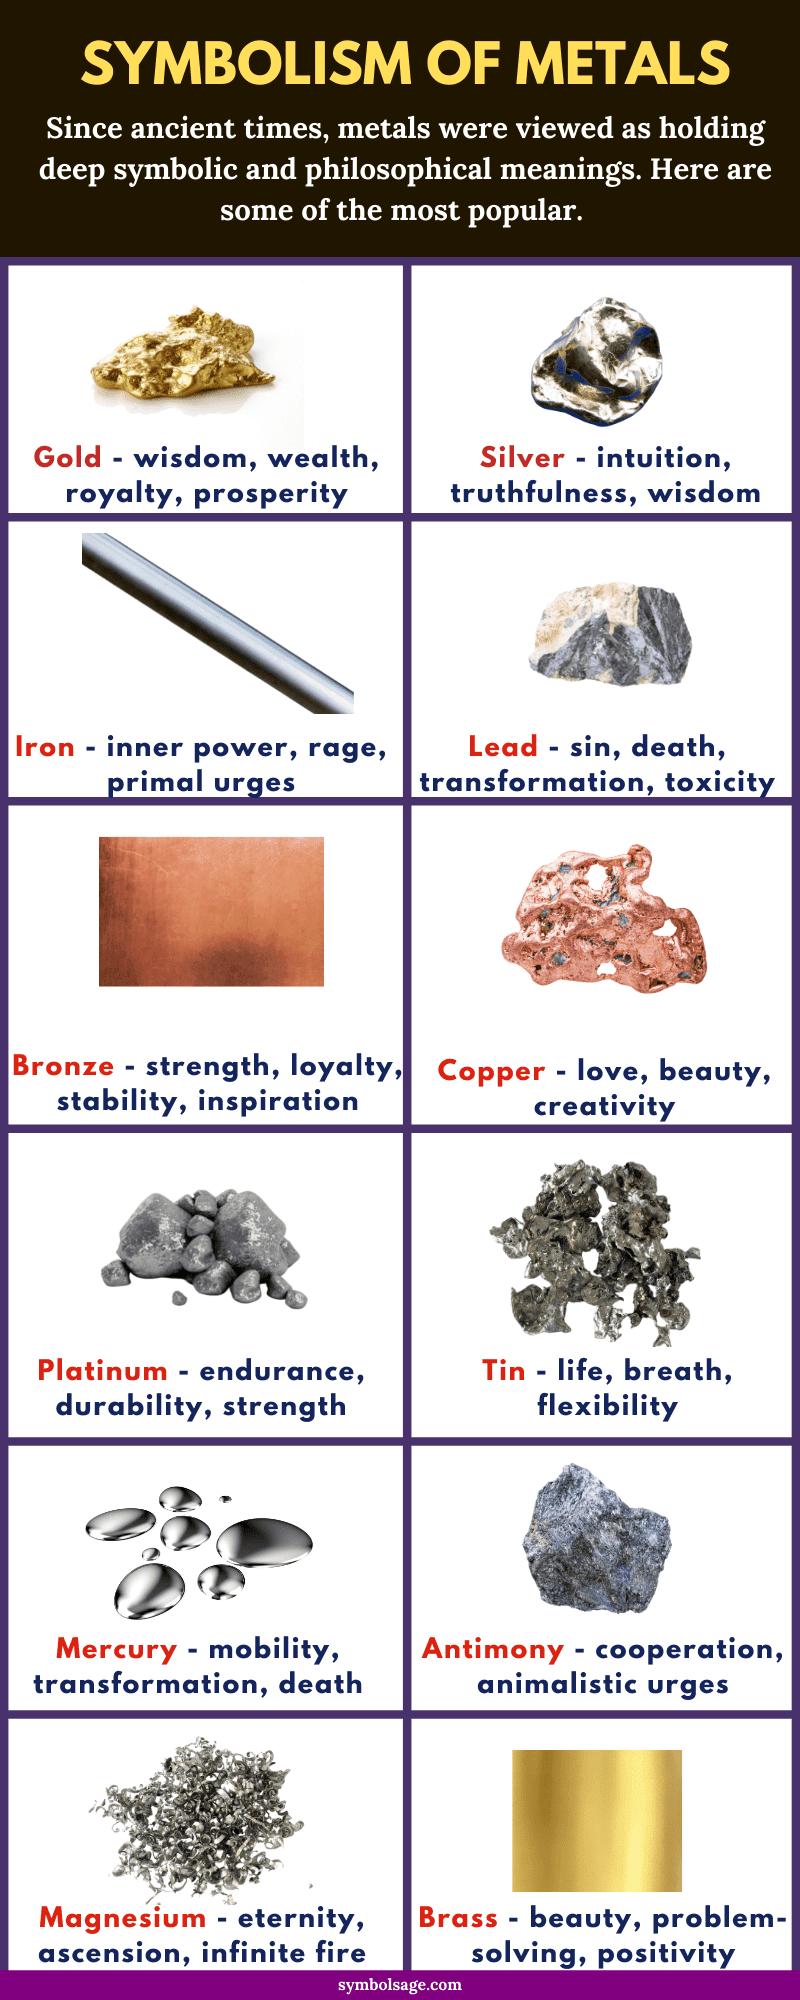 Metal symbolism